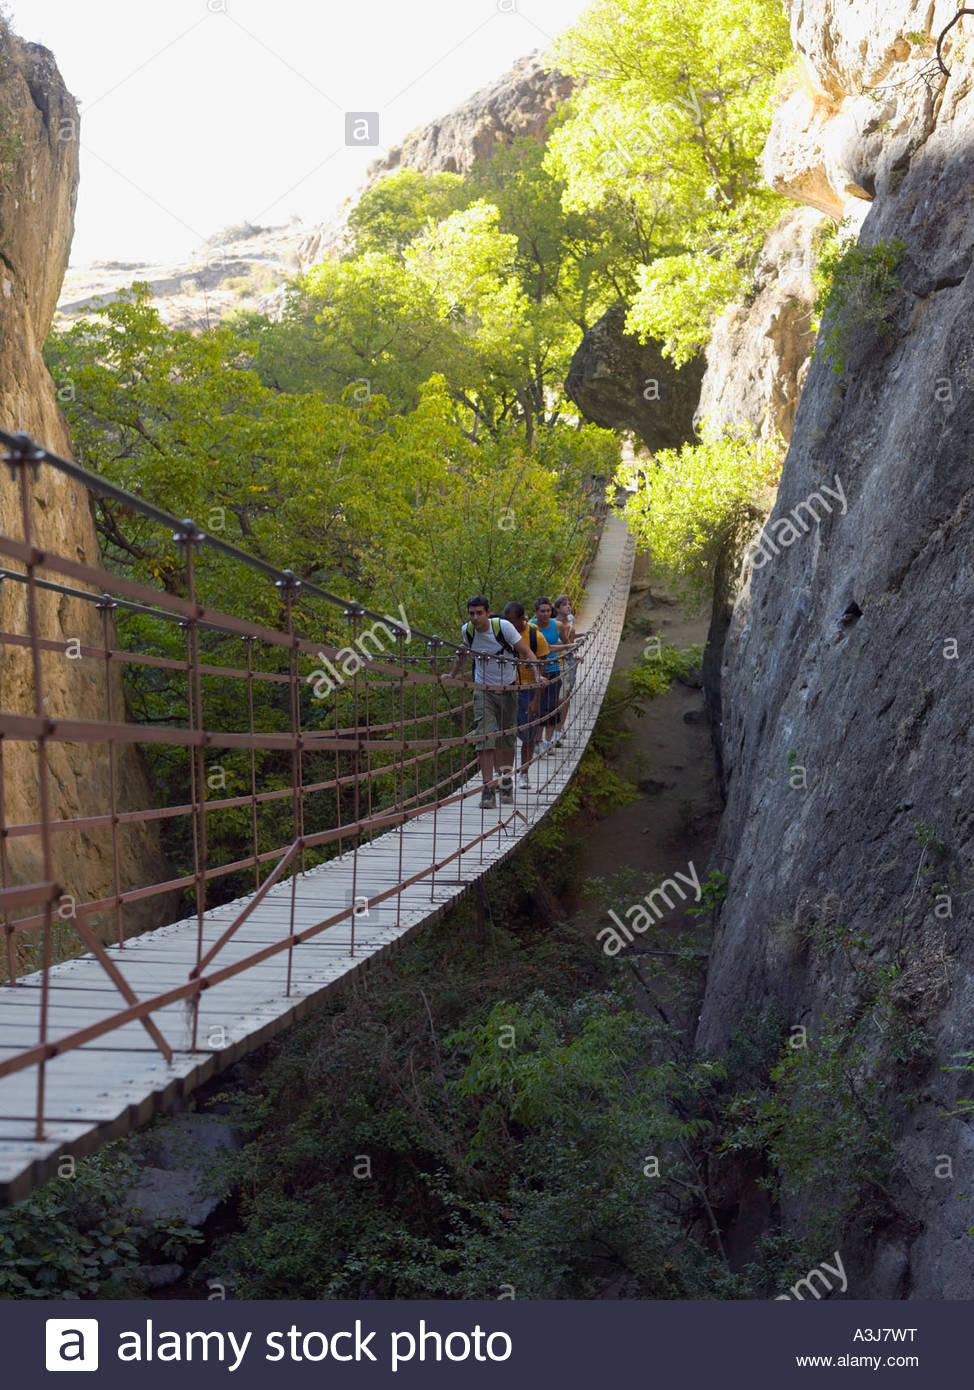 Teenagers walking across a bridge Stock Photo